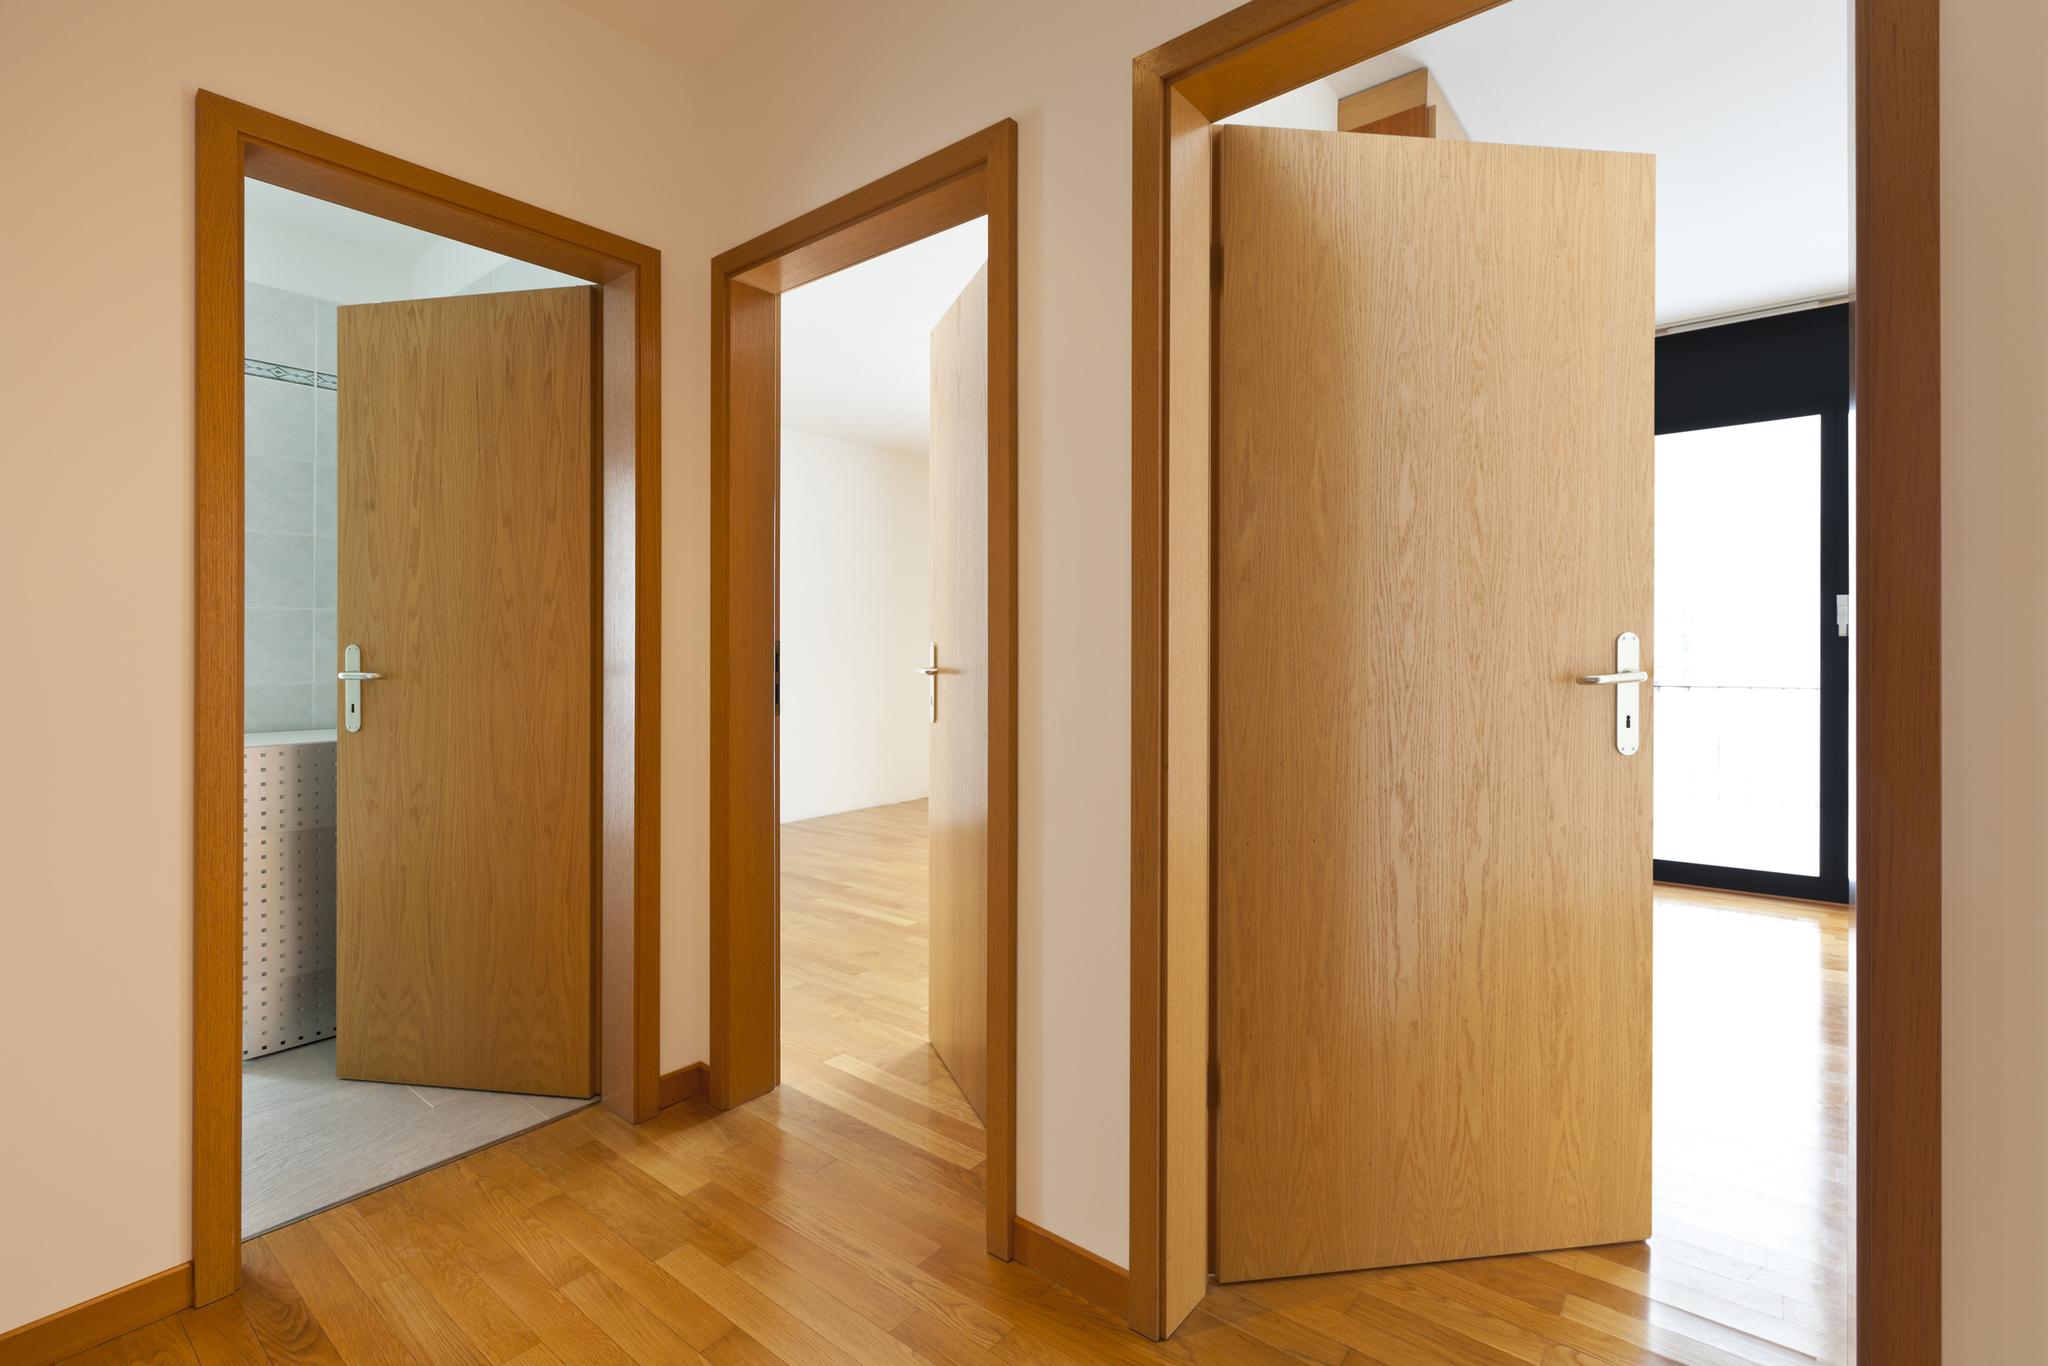 Какие двери выбрать ламинированные или шпонированные?